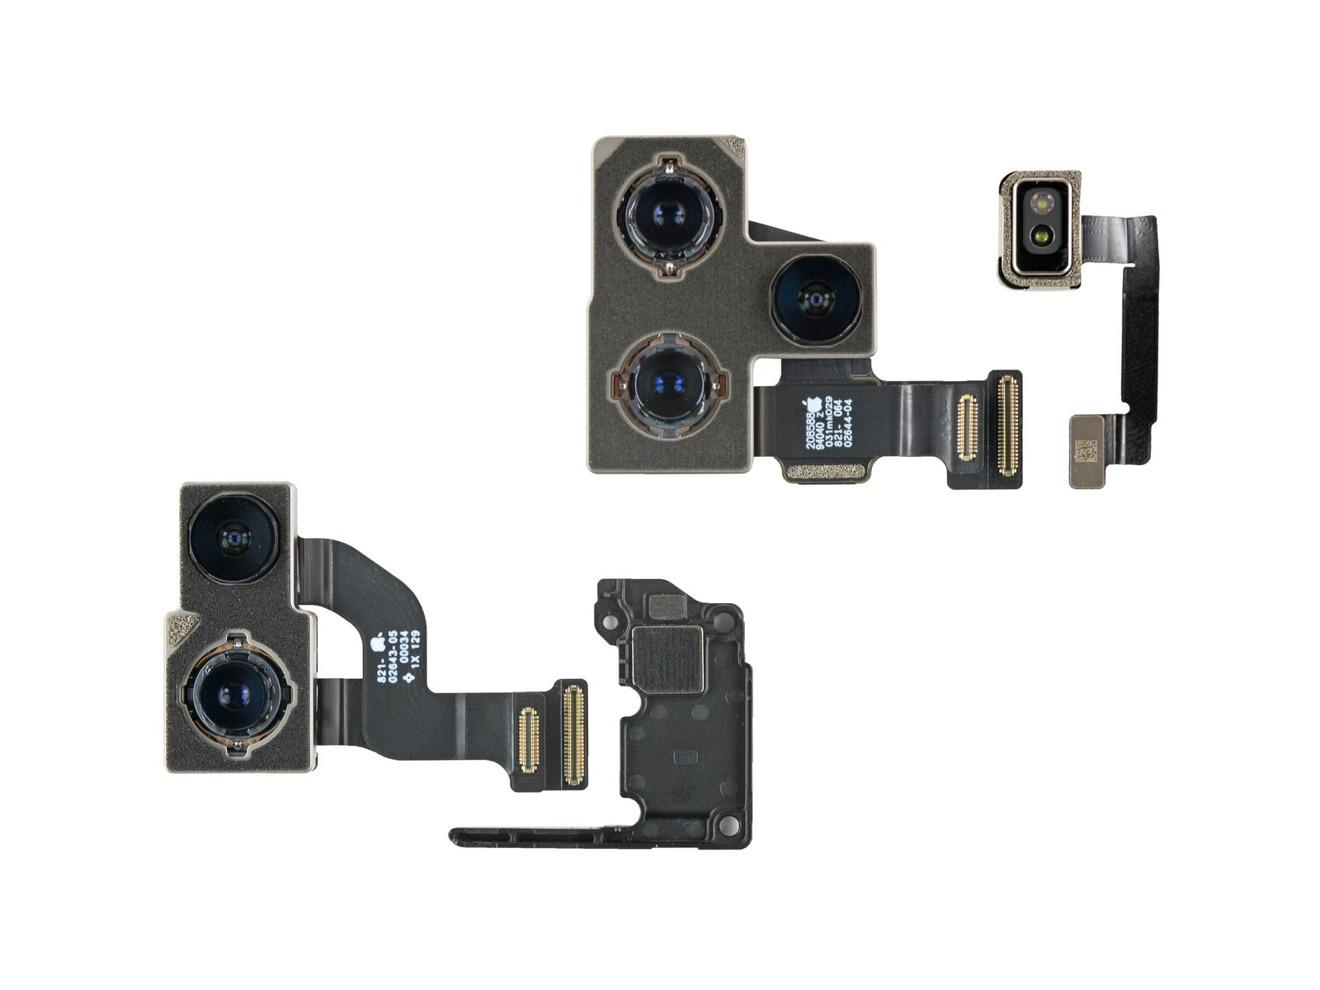 El iphone 12 y cámaras profesionales, así como un espaciador de cámara [via iFixit]